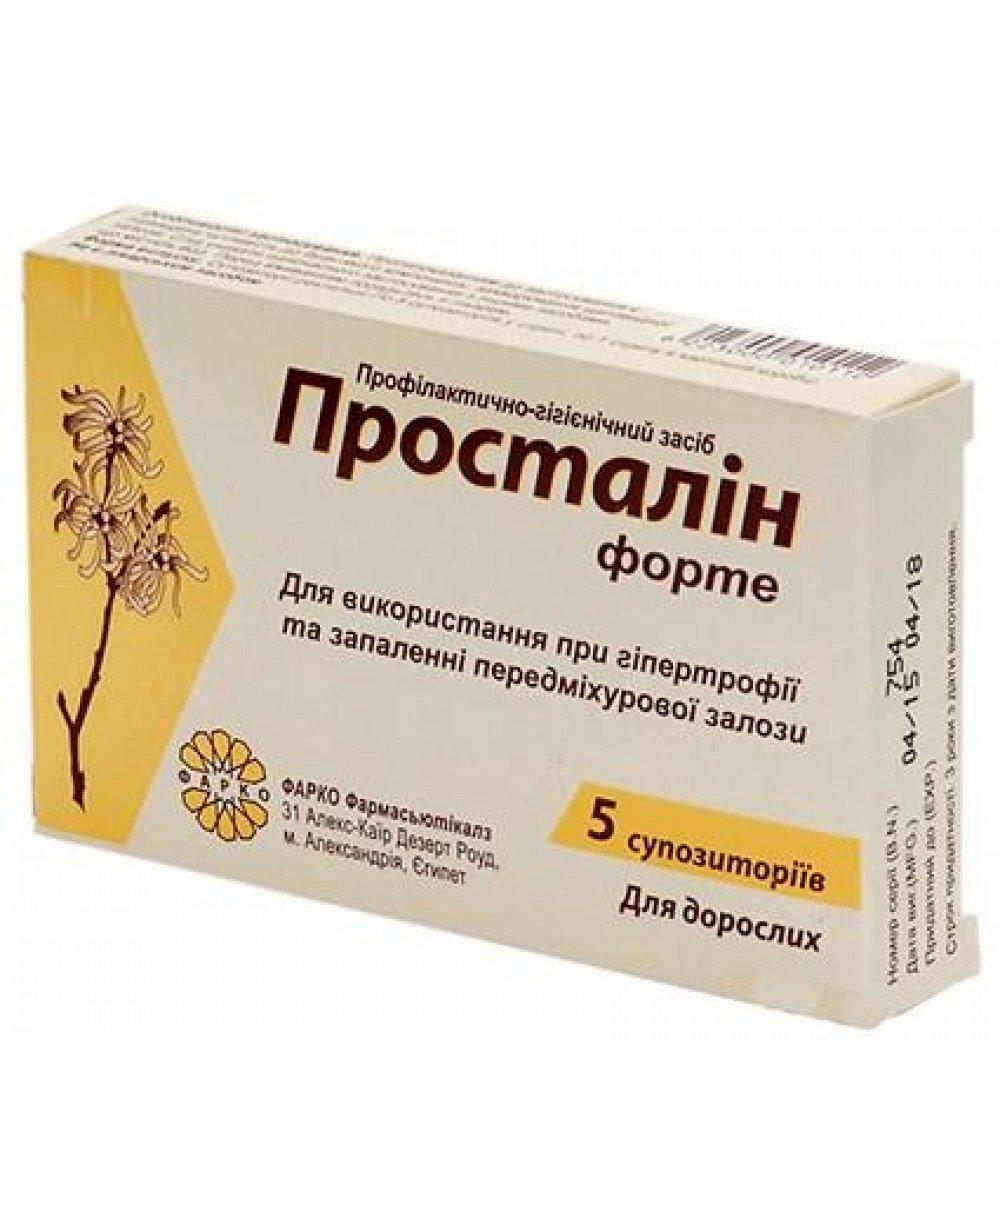 Prostalin (ichthamol) forte suppositories N5